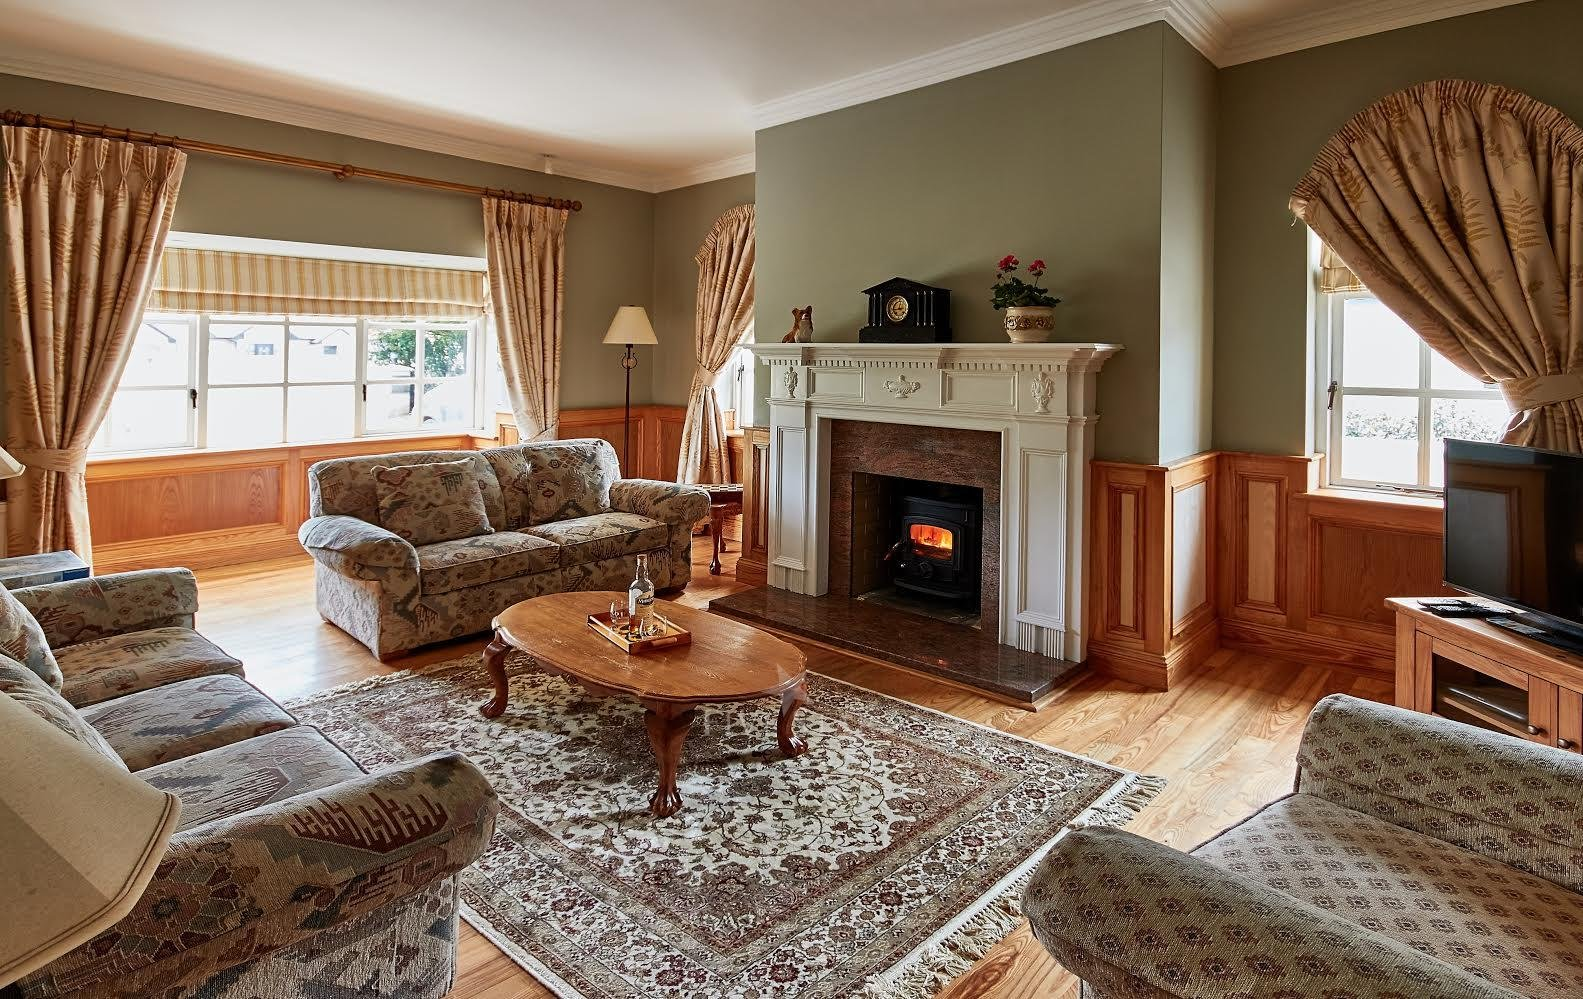 5-Star Killarney Family Home photo 4